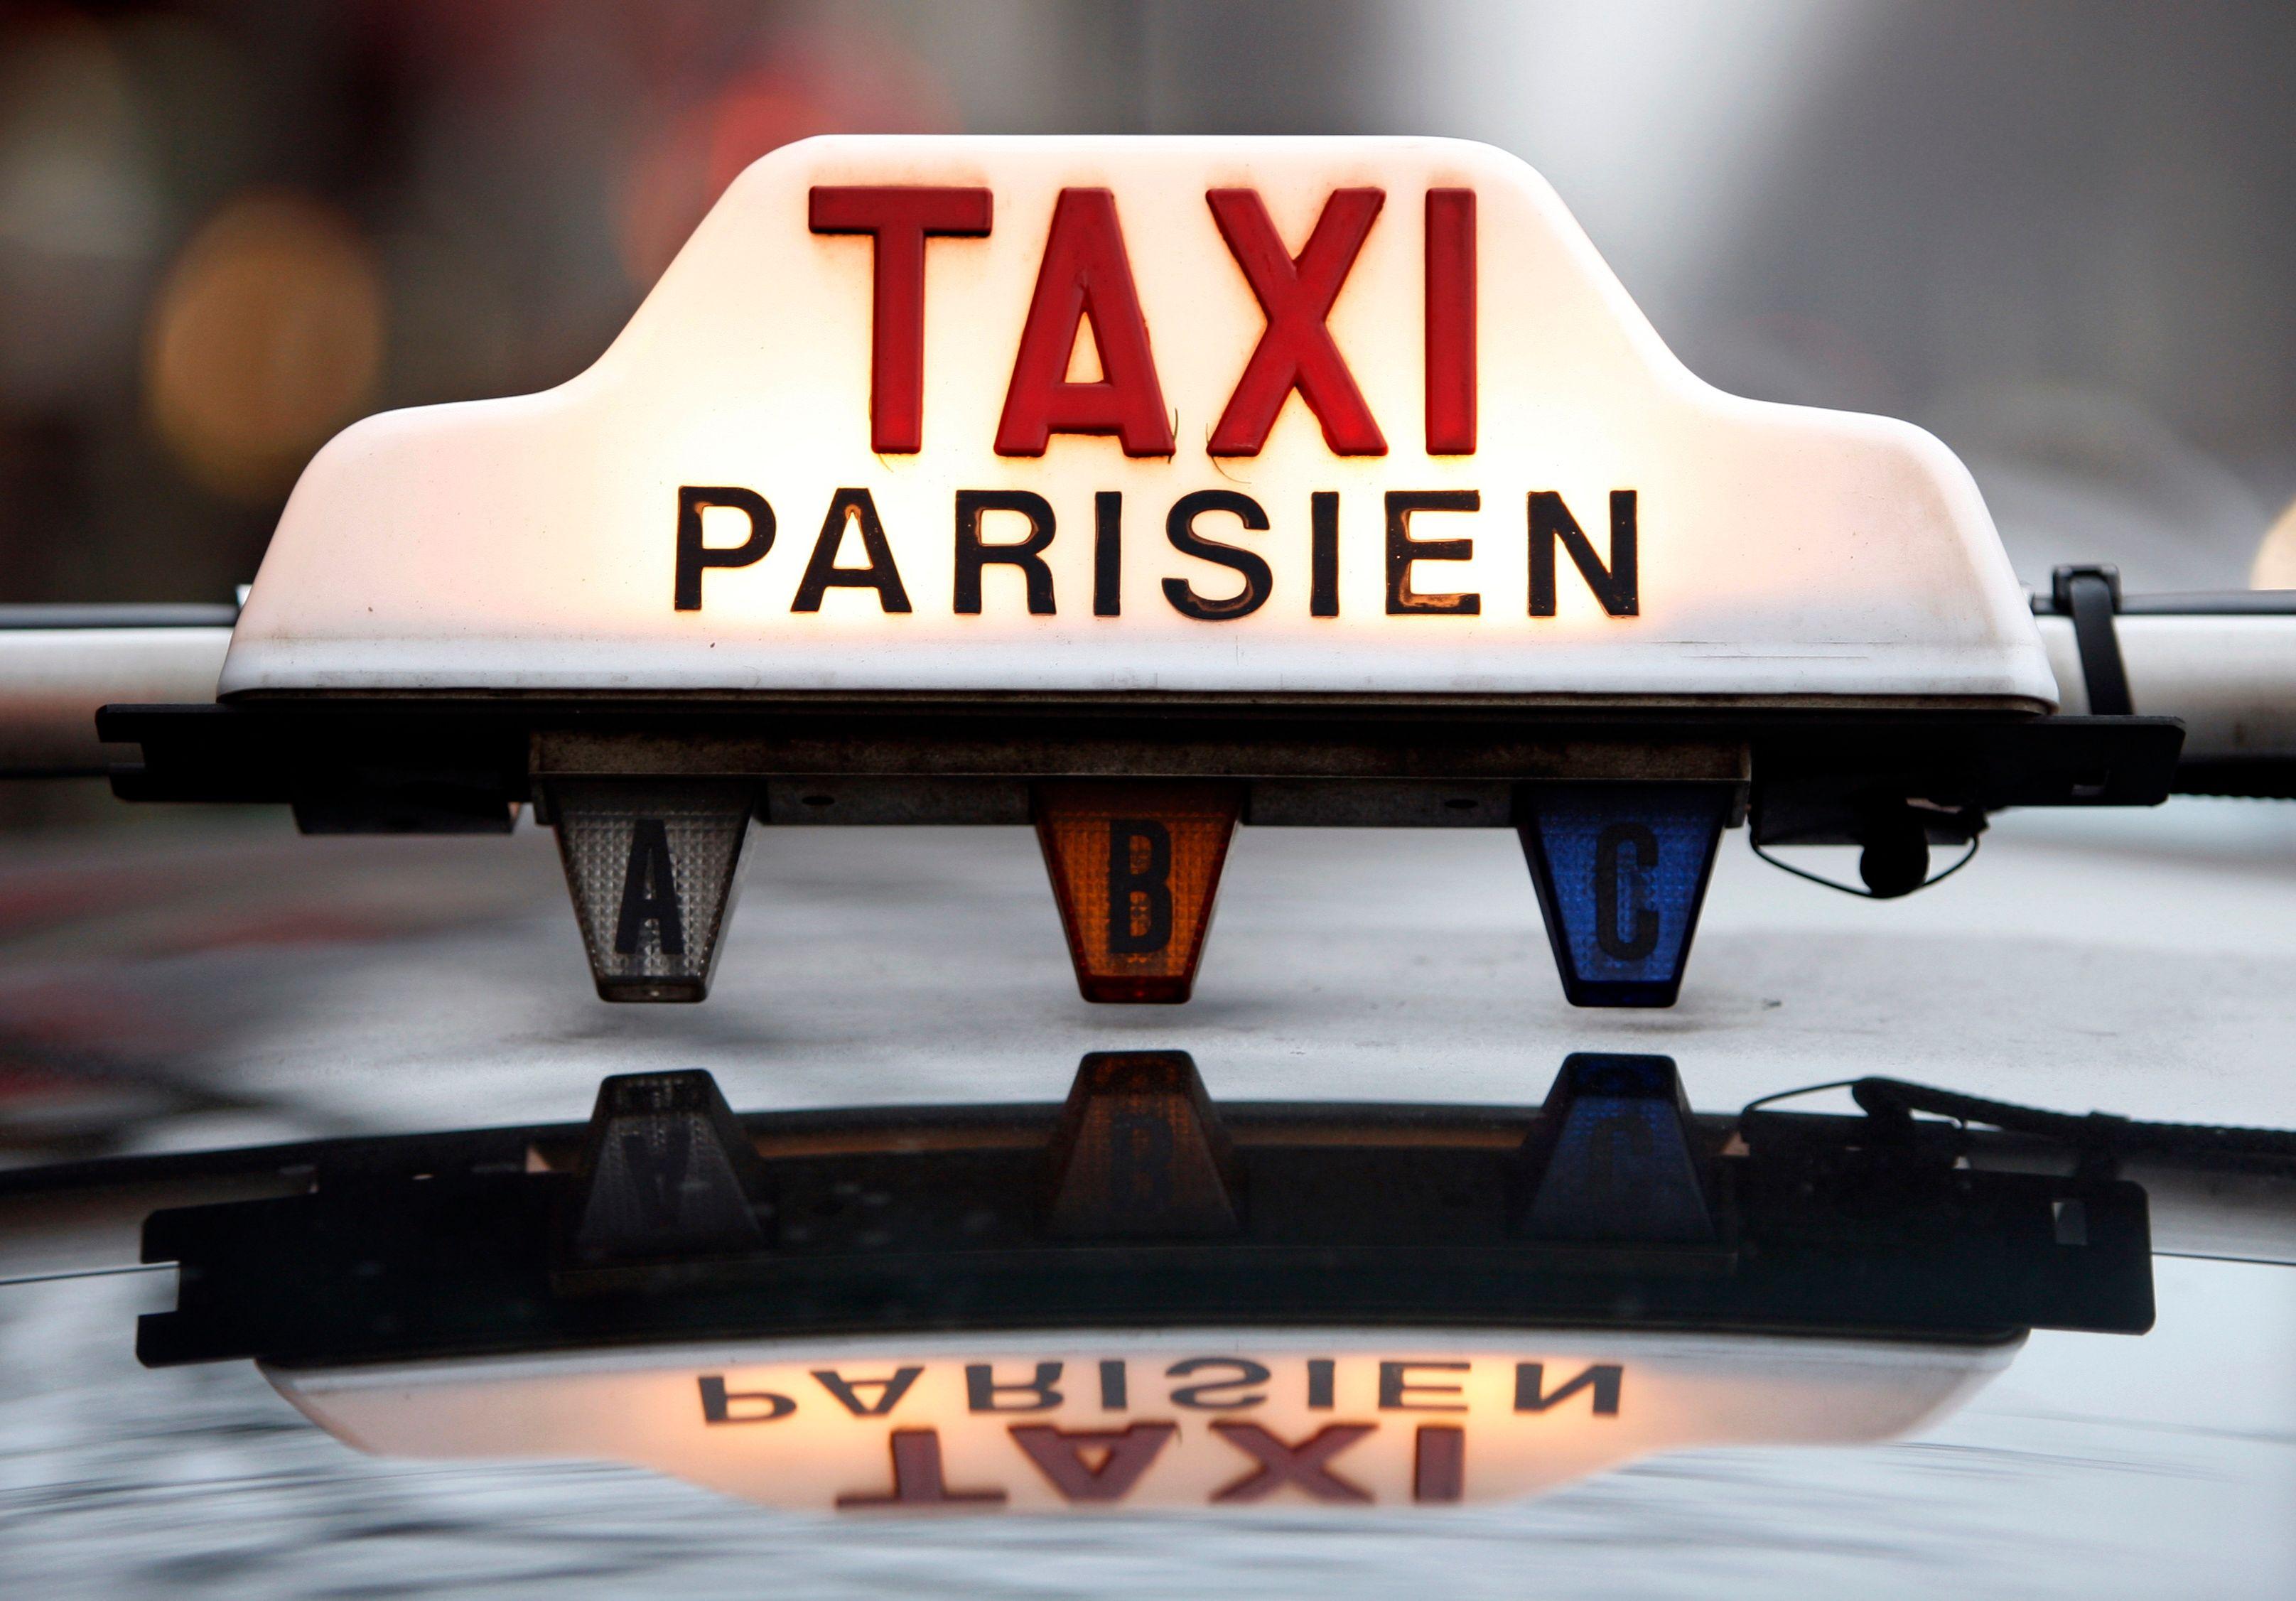 Les taxis en grève ce lundi, un pur scandale